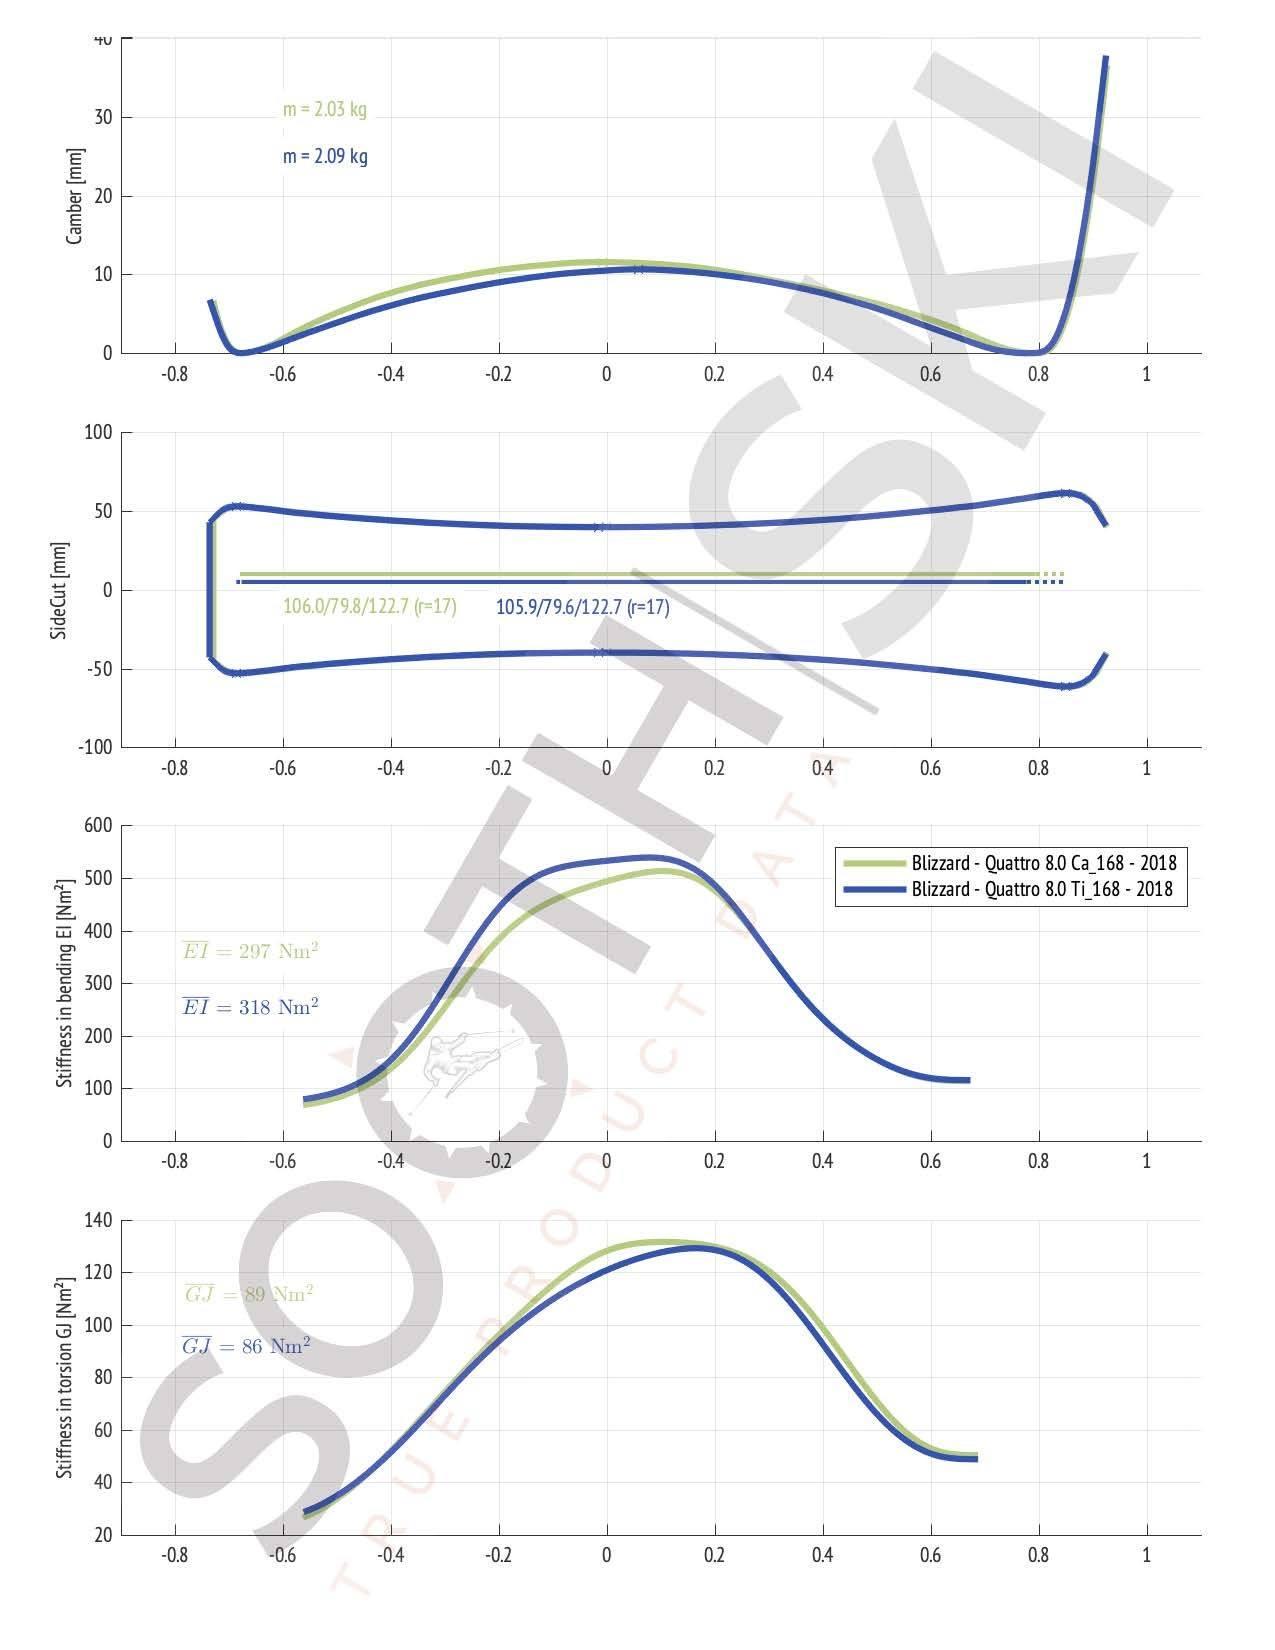 Compare Blizzard Quattro 8.0 C versus Quattro 8.0 Ti (geometry, bending and torsional stiffness)